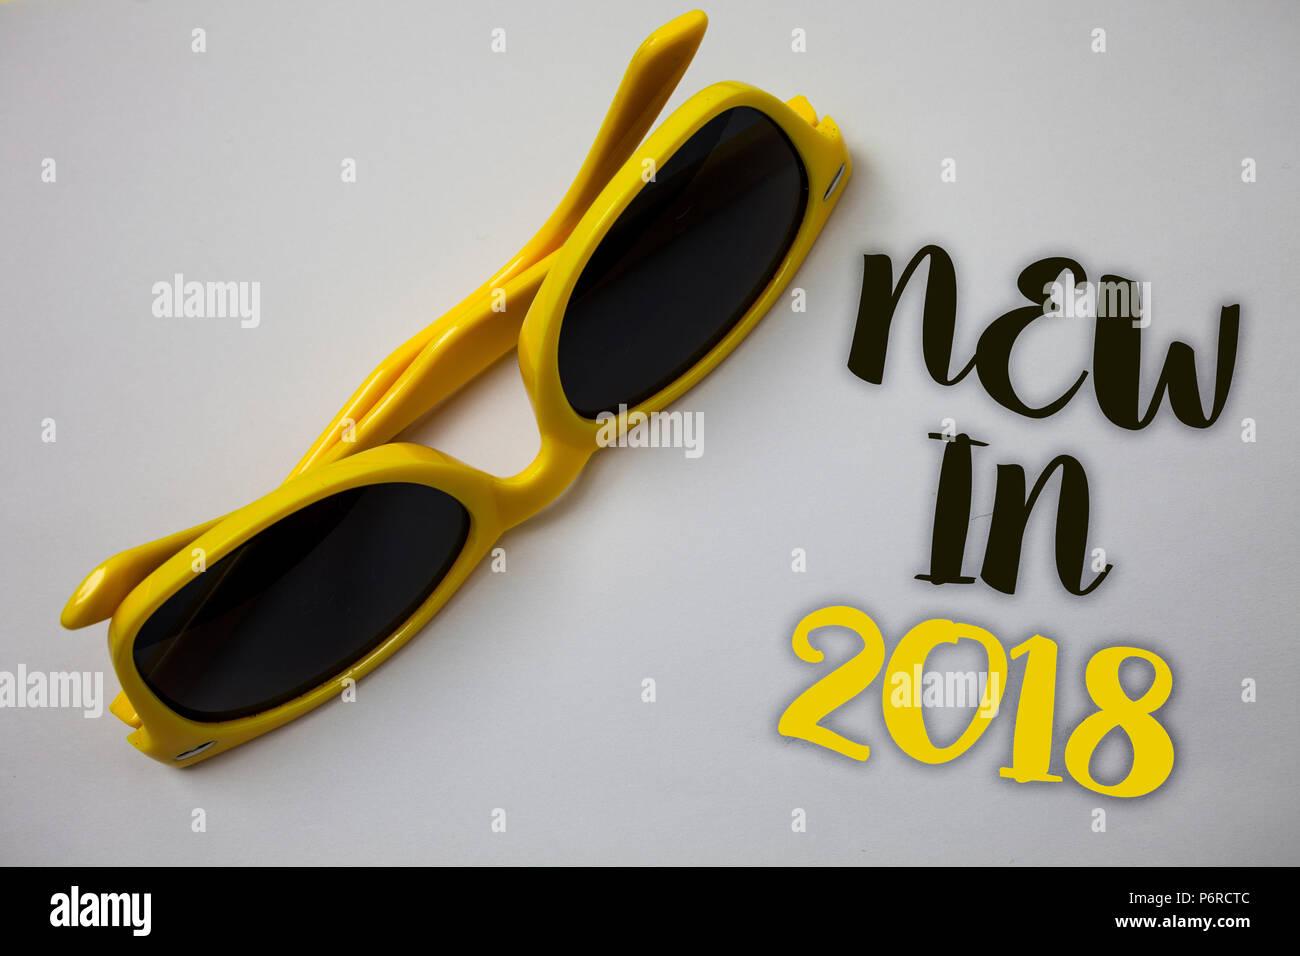 Nuevo Escribe Texto Word En Año El 2018Concepto Negocio Para De Un GqzVpMSU